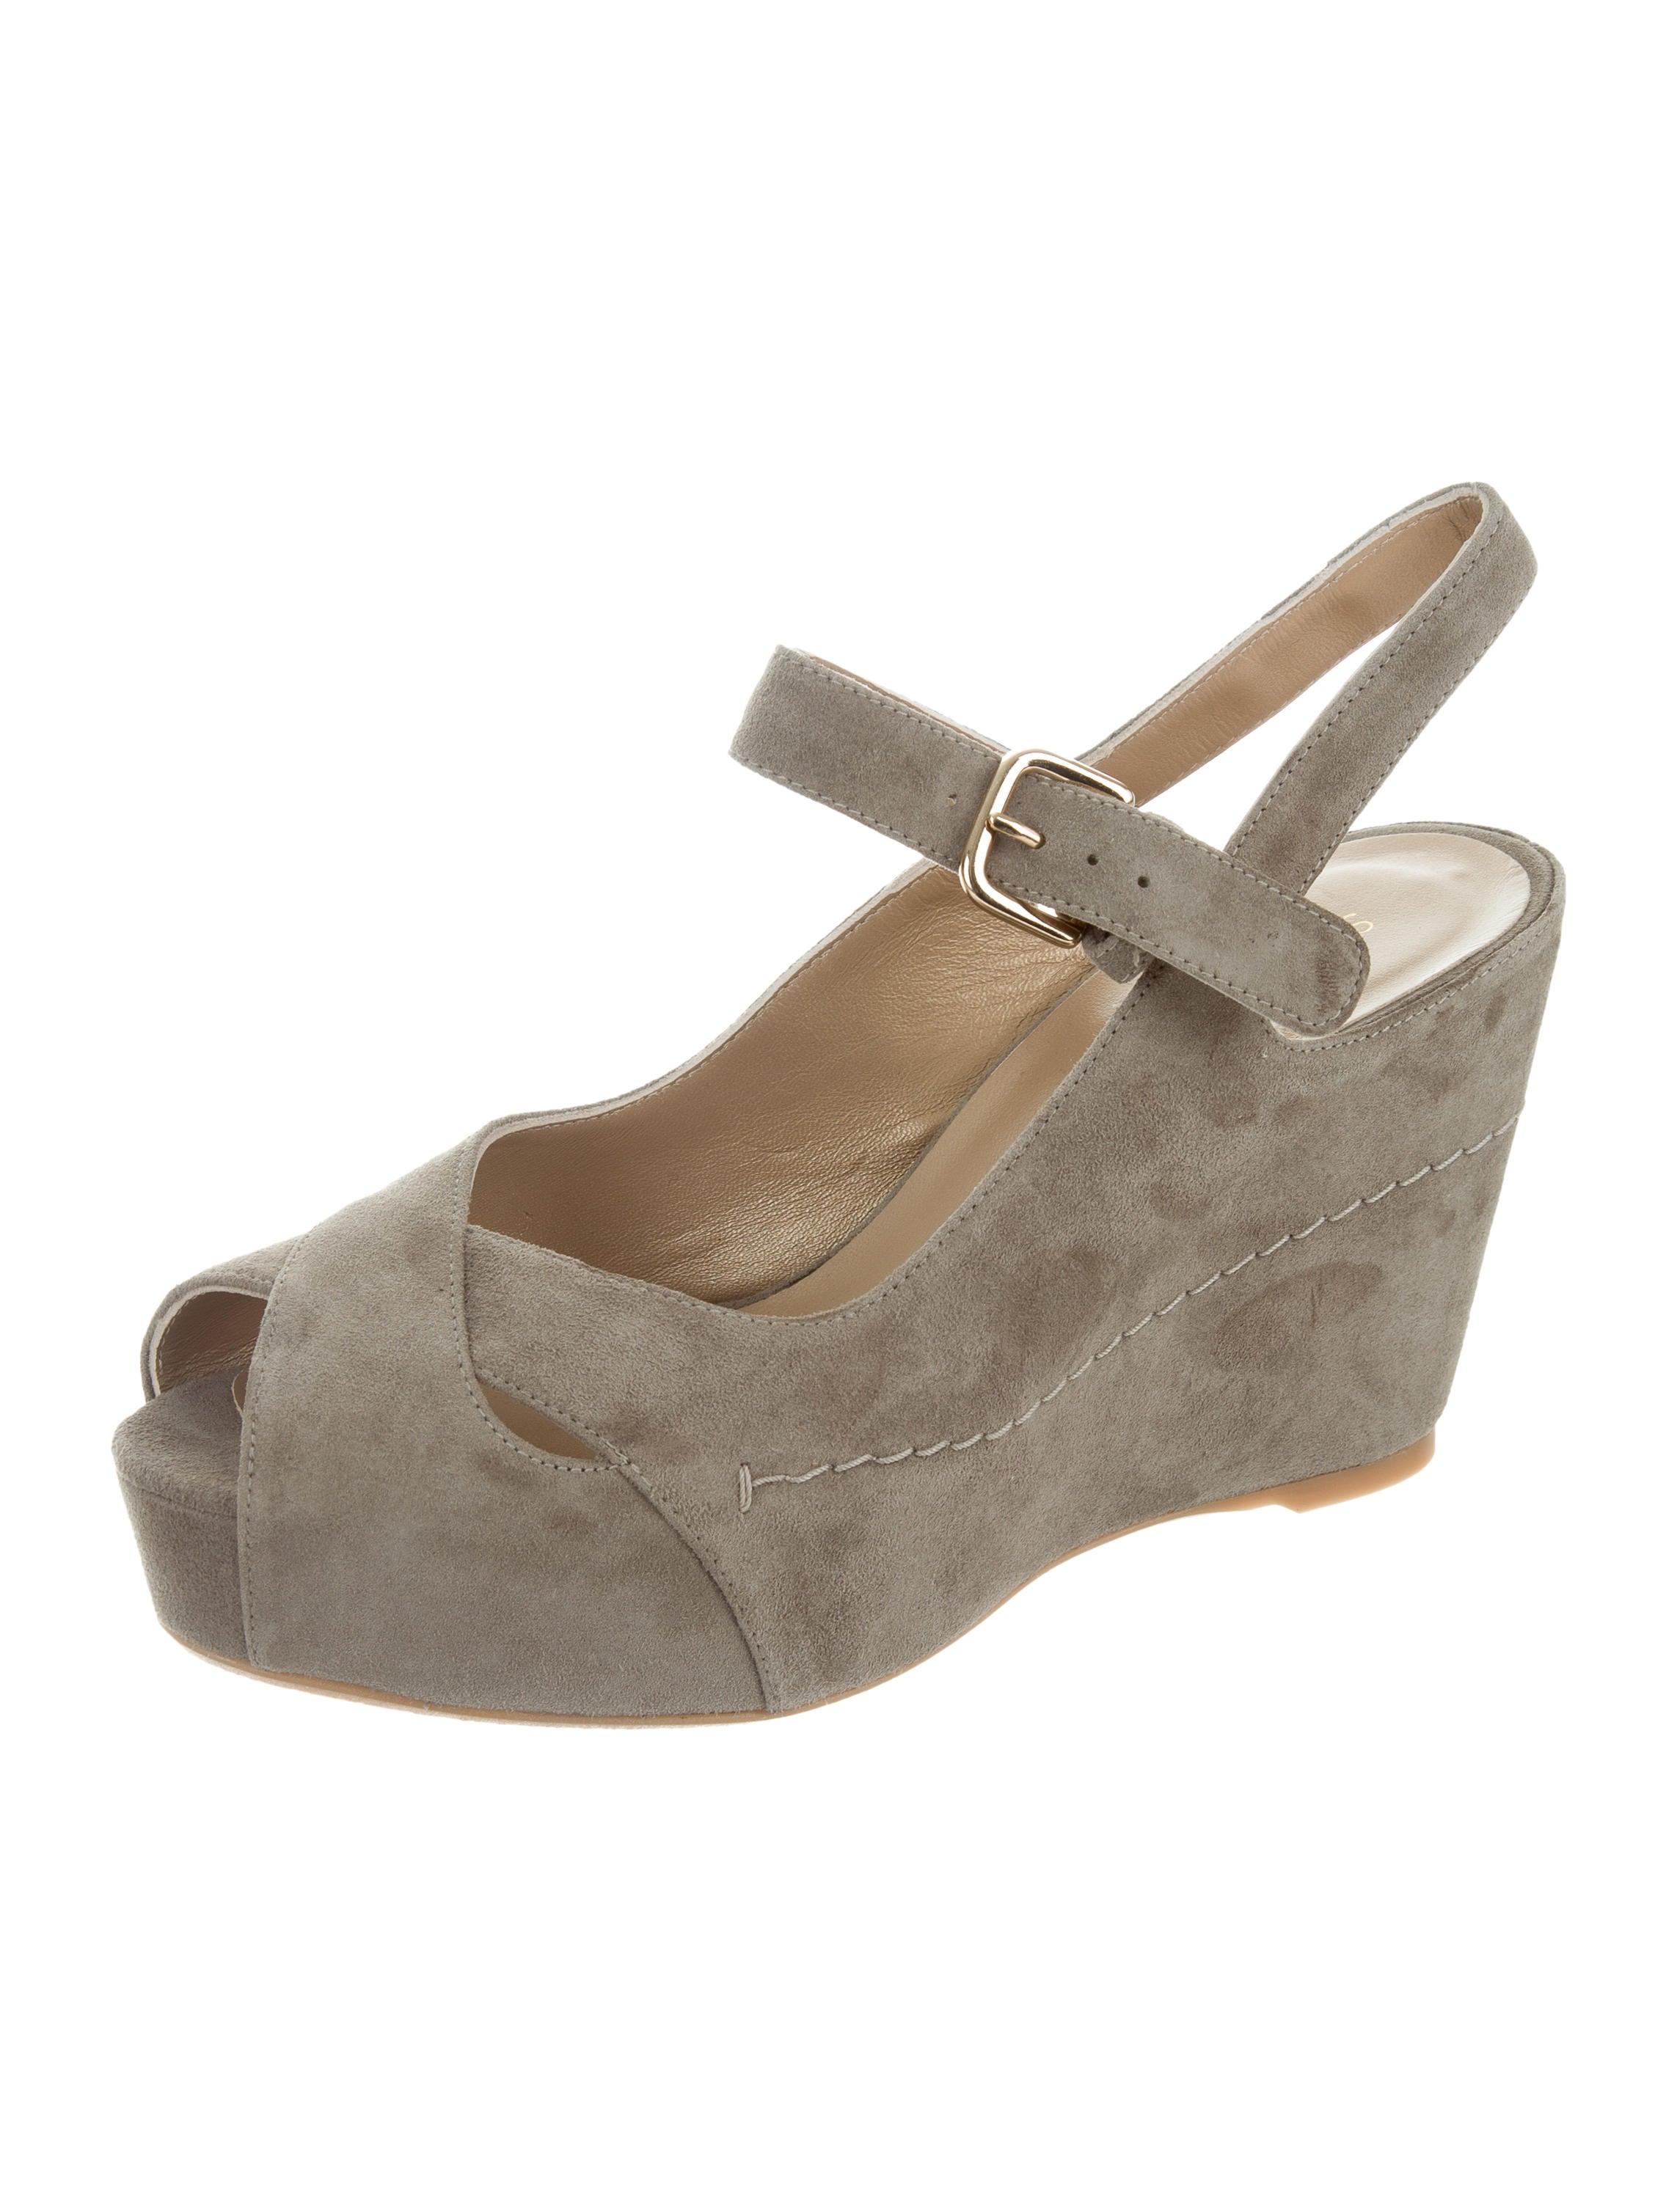 stuart weitzman suede wedge sandals shoes wsu35631